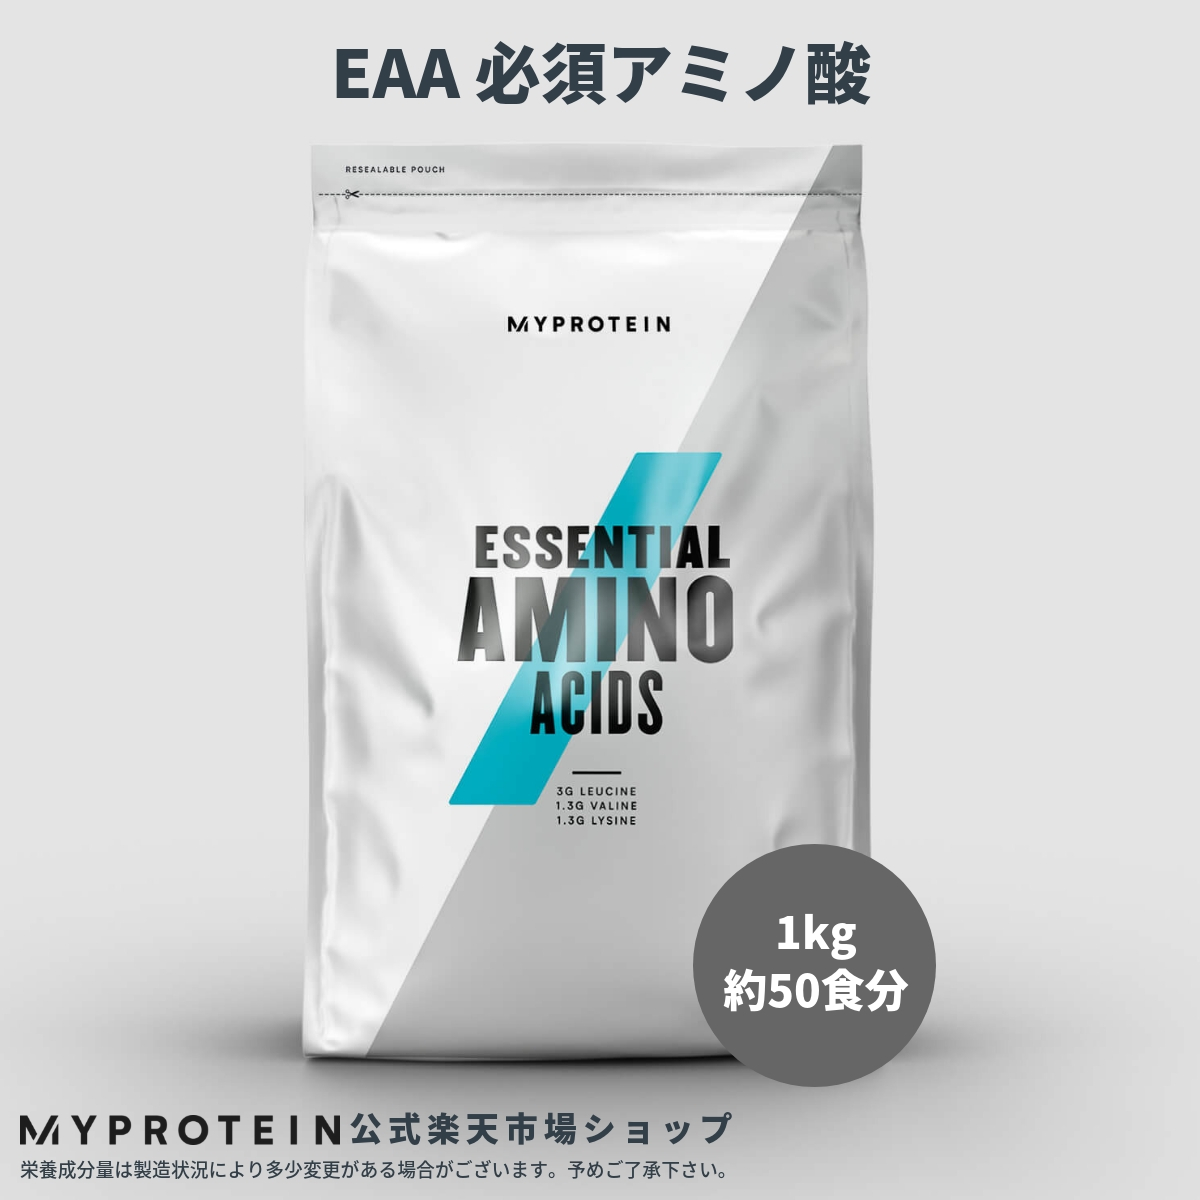 マイプロテイン 公式 【MyProtein】 EAA 必須アミノ酸 1kg 約50食分| サプリメント サプリ BCAA アミノ酸 あみの酸 バリン ロイシン イソロイシン 燃焼系 スポーツサプリ ダイエットサプリ【楽天海外直送】